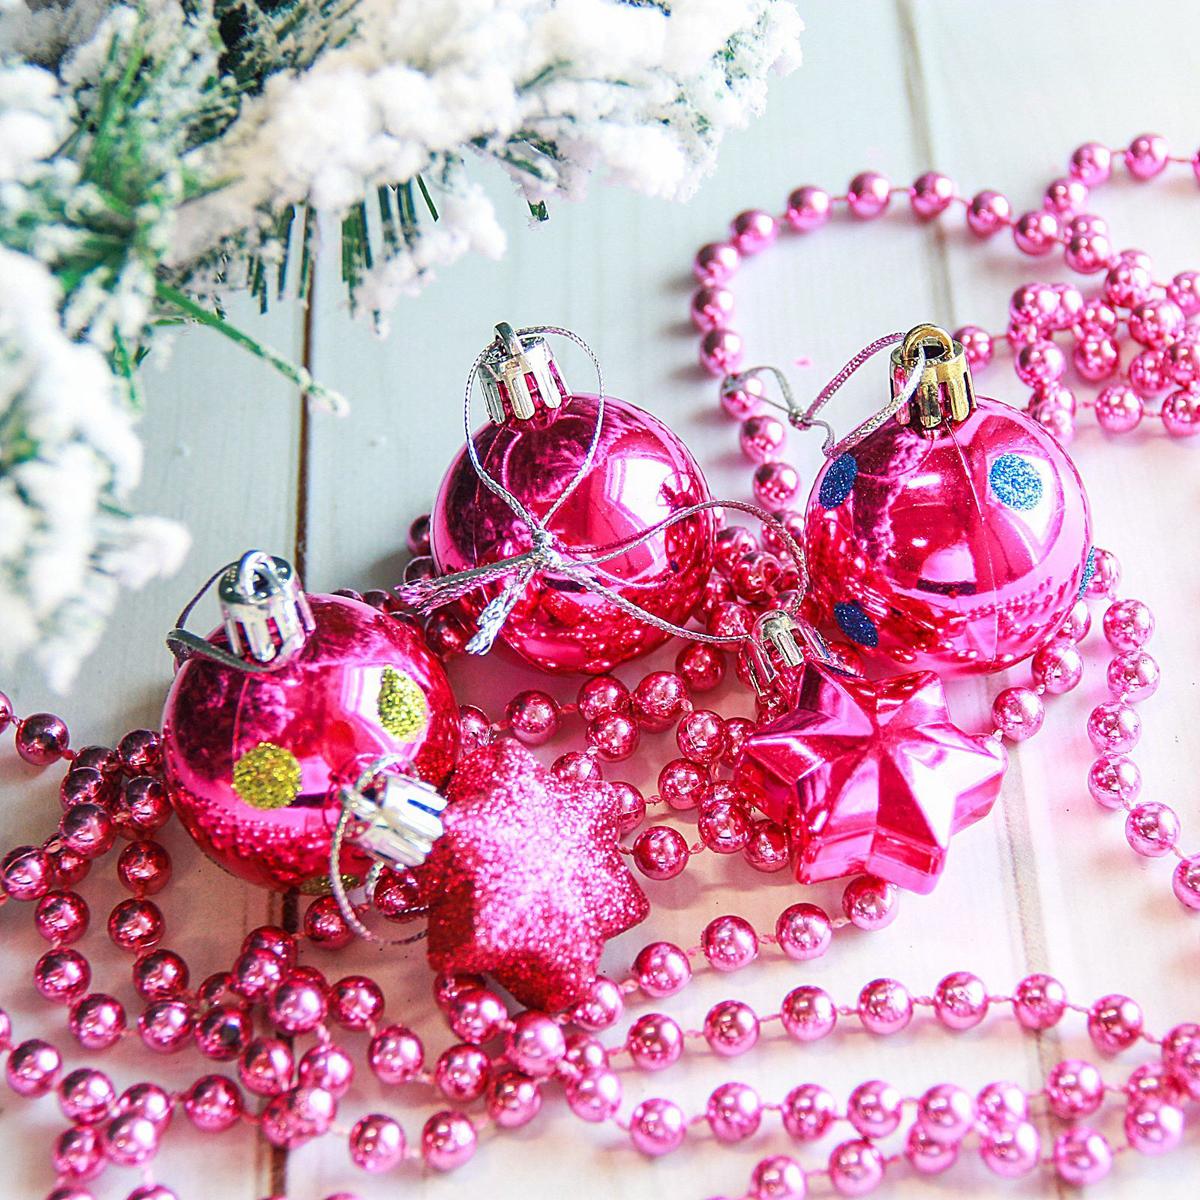 Набор новогодних подвесных украшений Sima-land Горох, 18 шт2122894Набор новогодних подвесных украшений Sima-land отлично подойдет для декорации вашего дома и новогодней ели. С помощью специальной петельки украшение можно повесить в любом понравившемся вам месте. Но, конечно, удачнее всего оно будет смотреться на праздничной елке. Елочная игрушка - символ Нового года. Она несет в себе волшебство и красоту праздника. Создайте в своем доме атмосферу веселья и радости, украшая новогоднюю елку нарядными игрушками, которые будут из года в год накапливать теплоту воспоминаний.